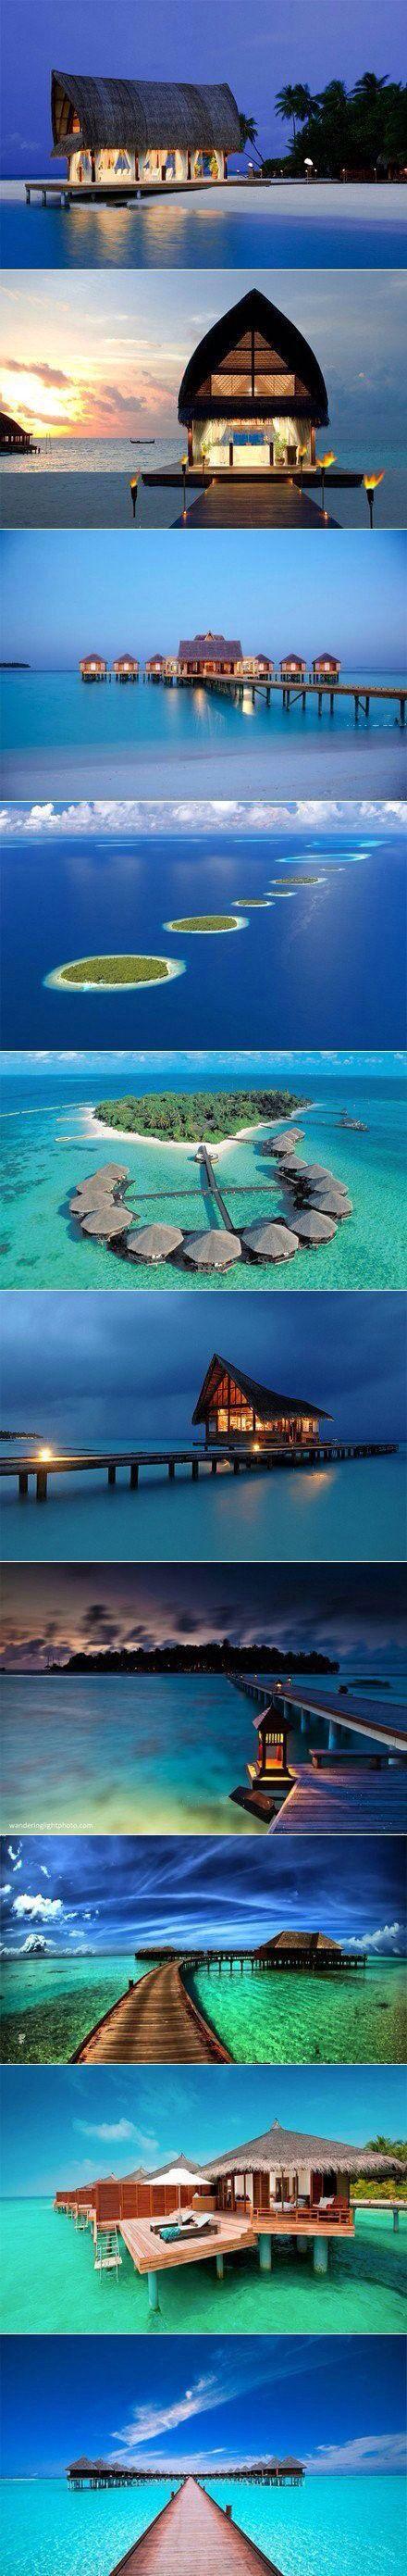 ~Maldives | The House of Beccaria